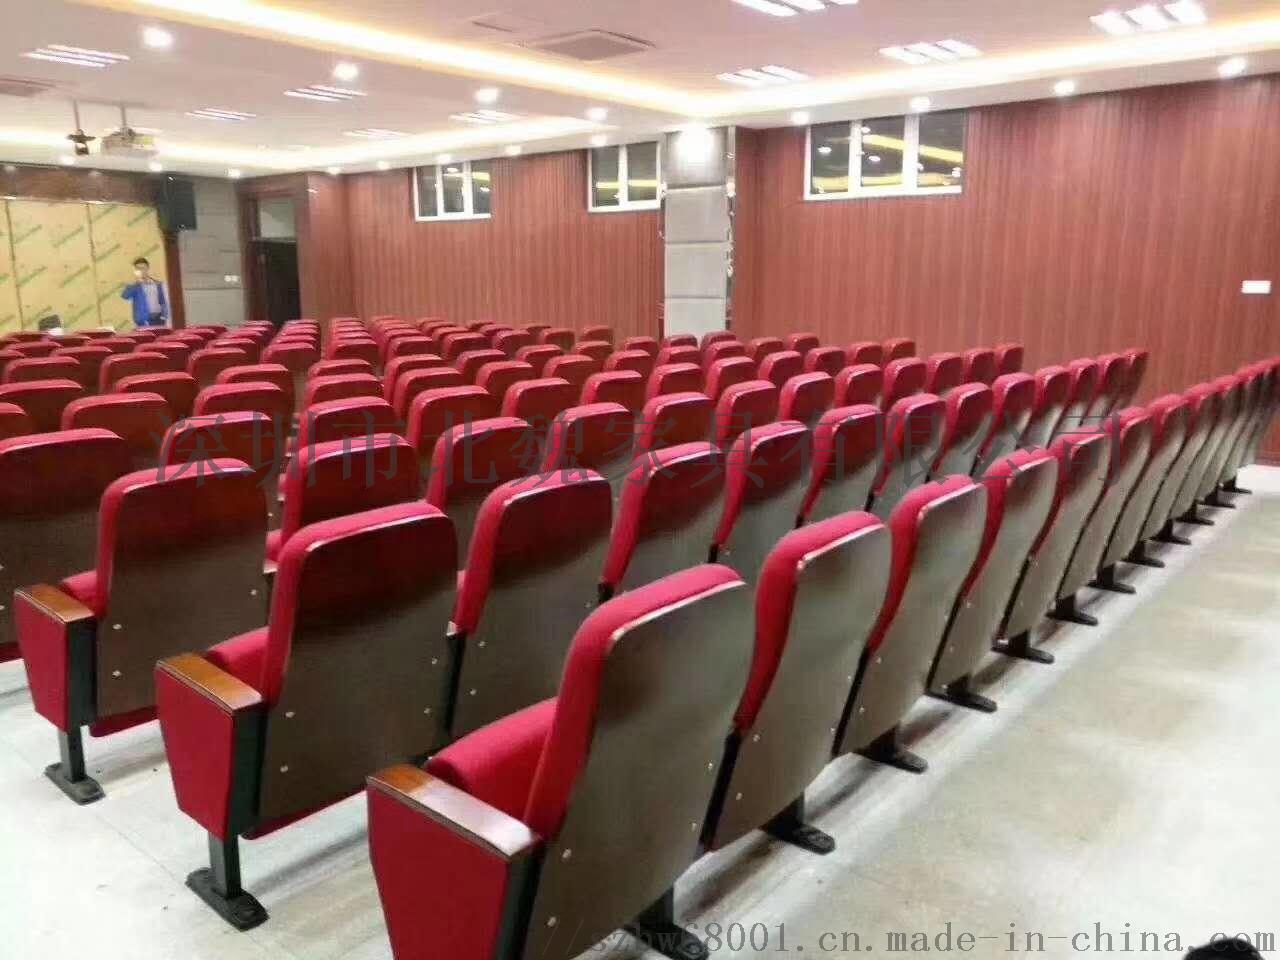 会议室礼堂椅供应商、礼堂椅排椅